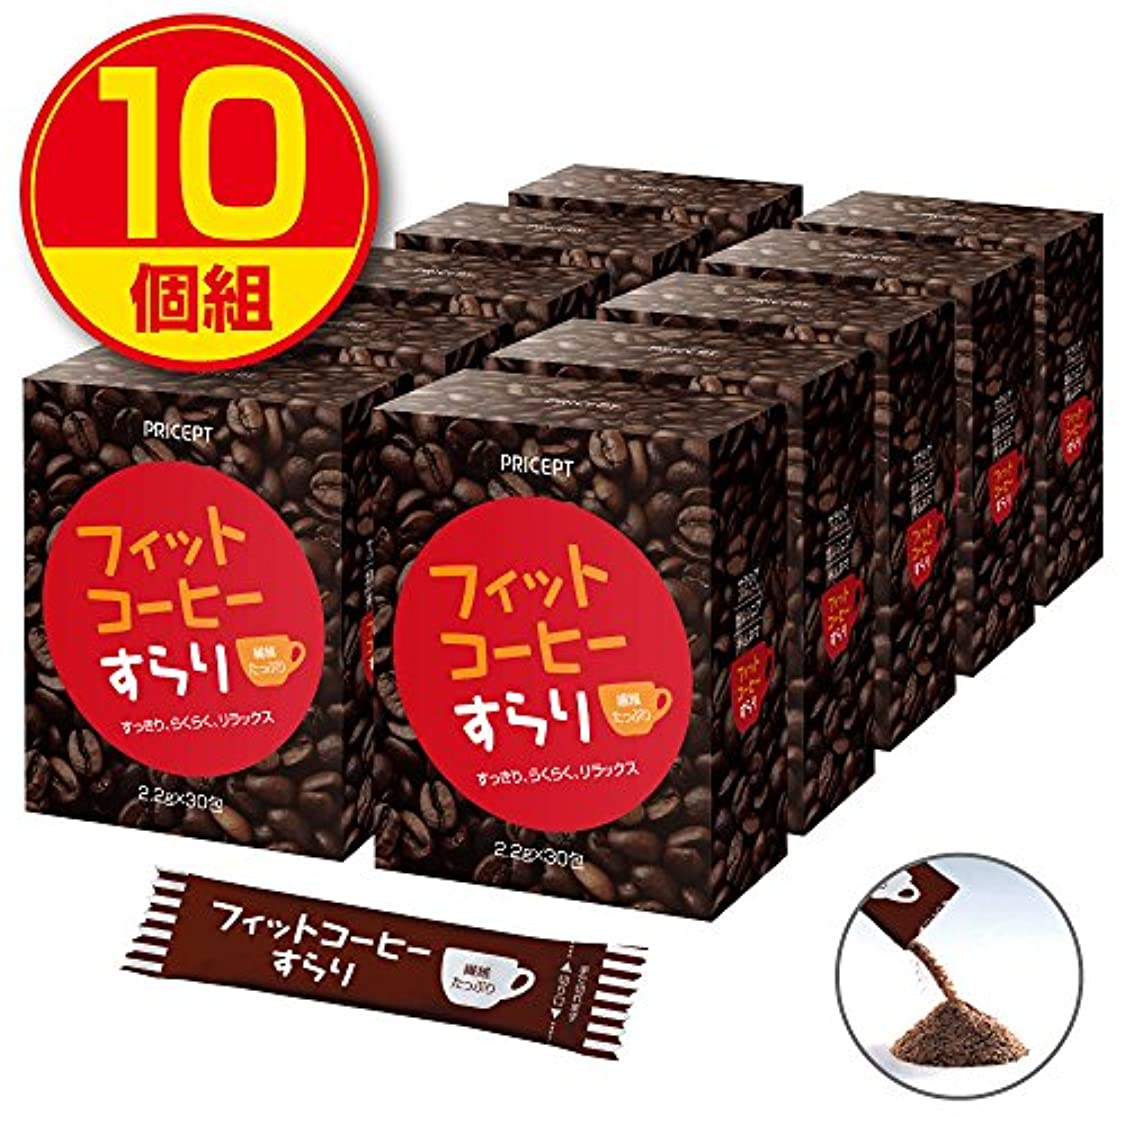 依存するアームストロング位置づけるプリセプト フィットコーヒーすらり 30包【10個組(300包)】(ダイエットサポートコーヒー)